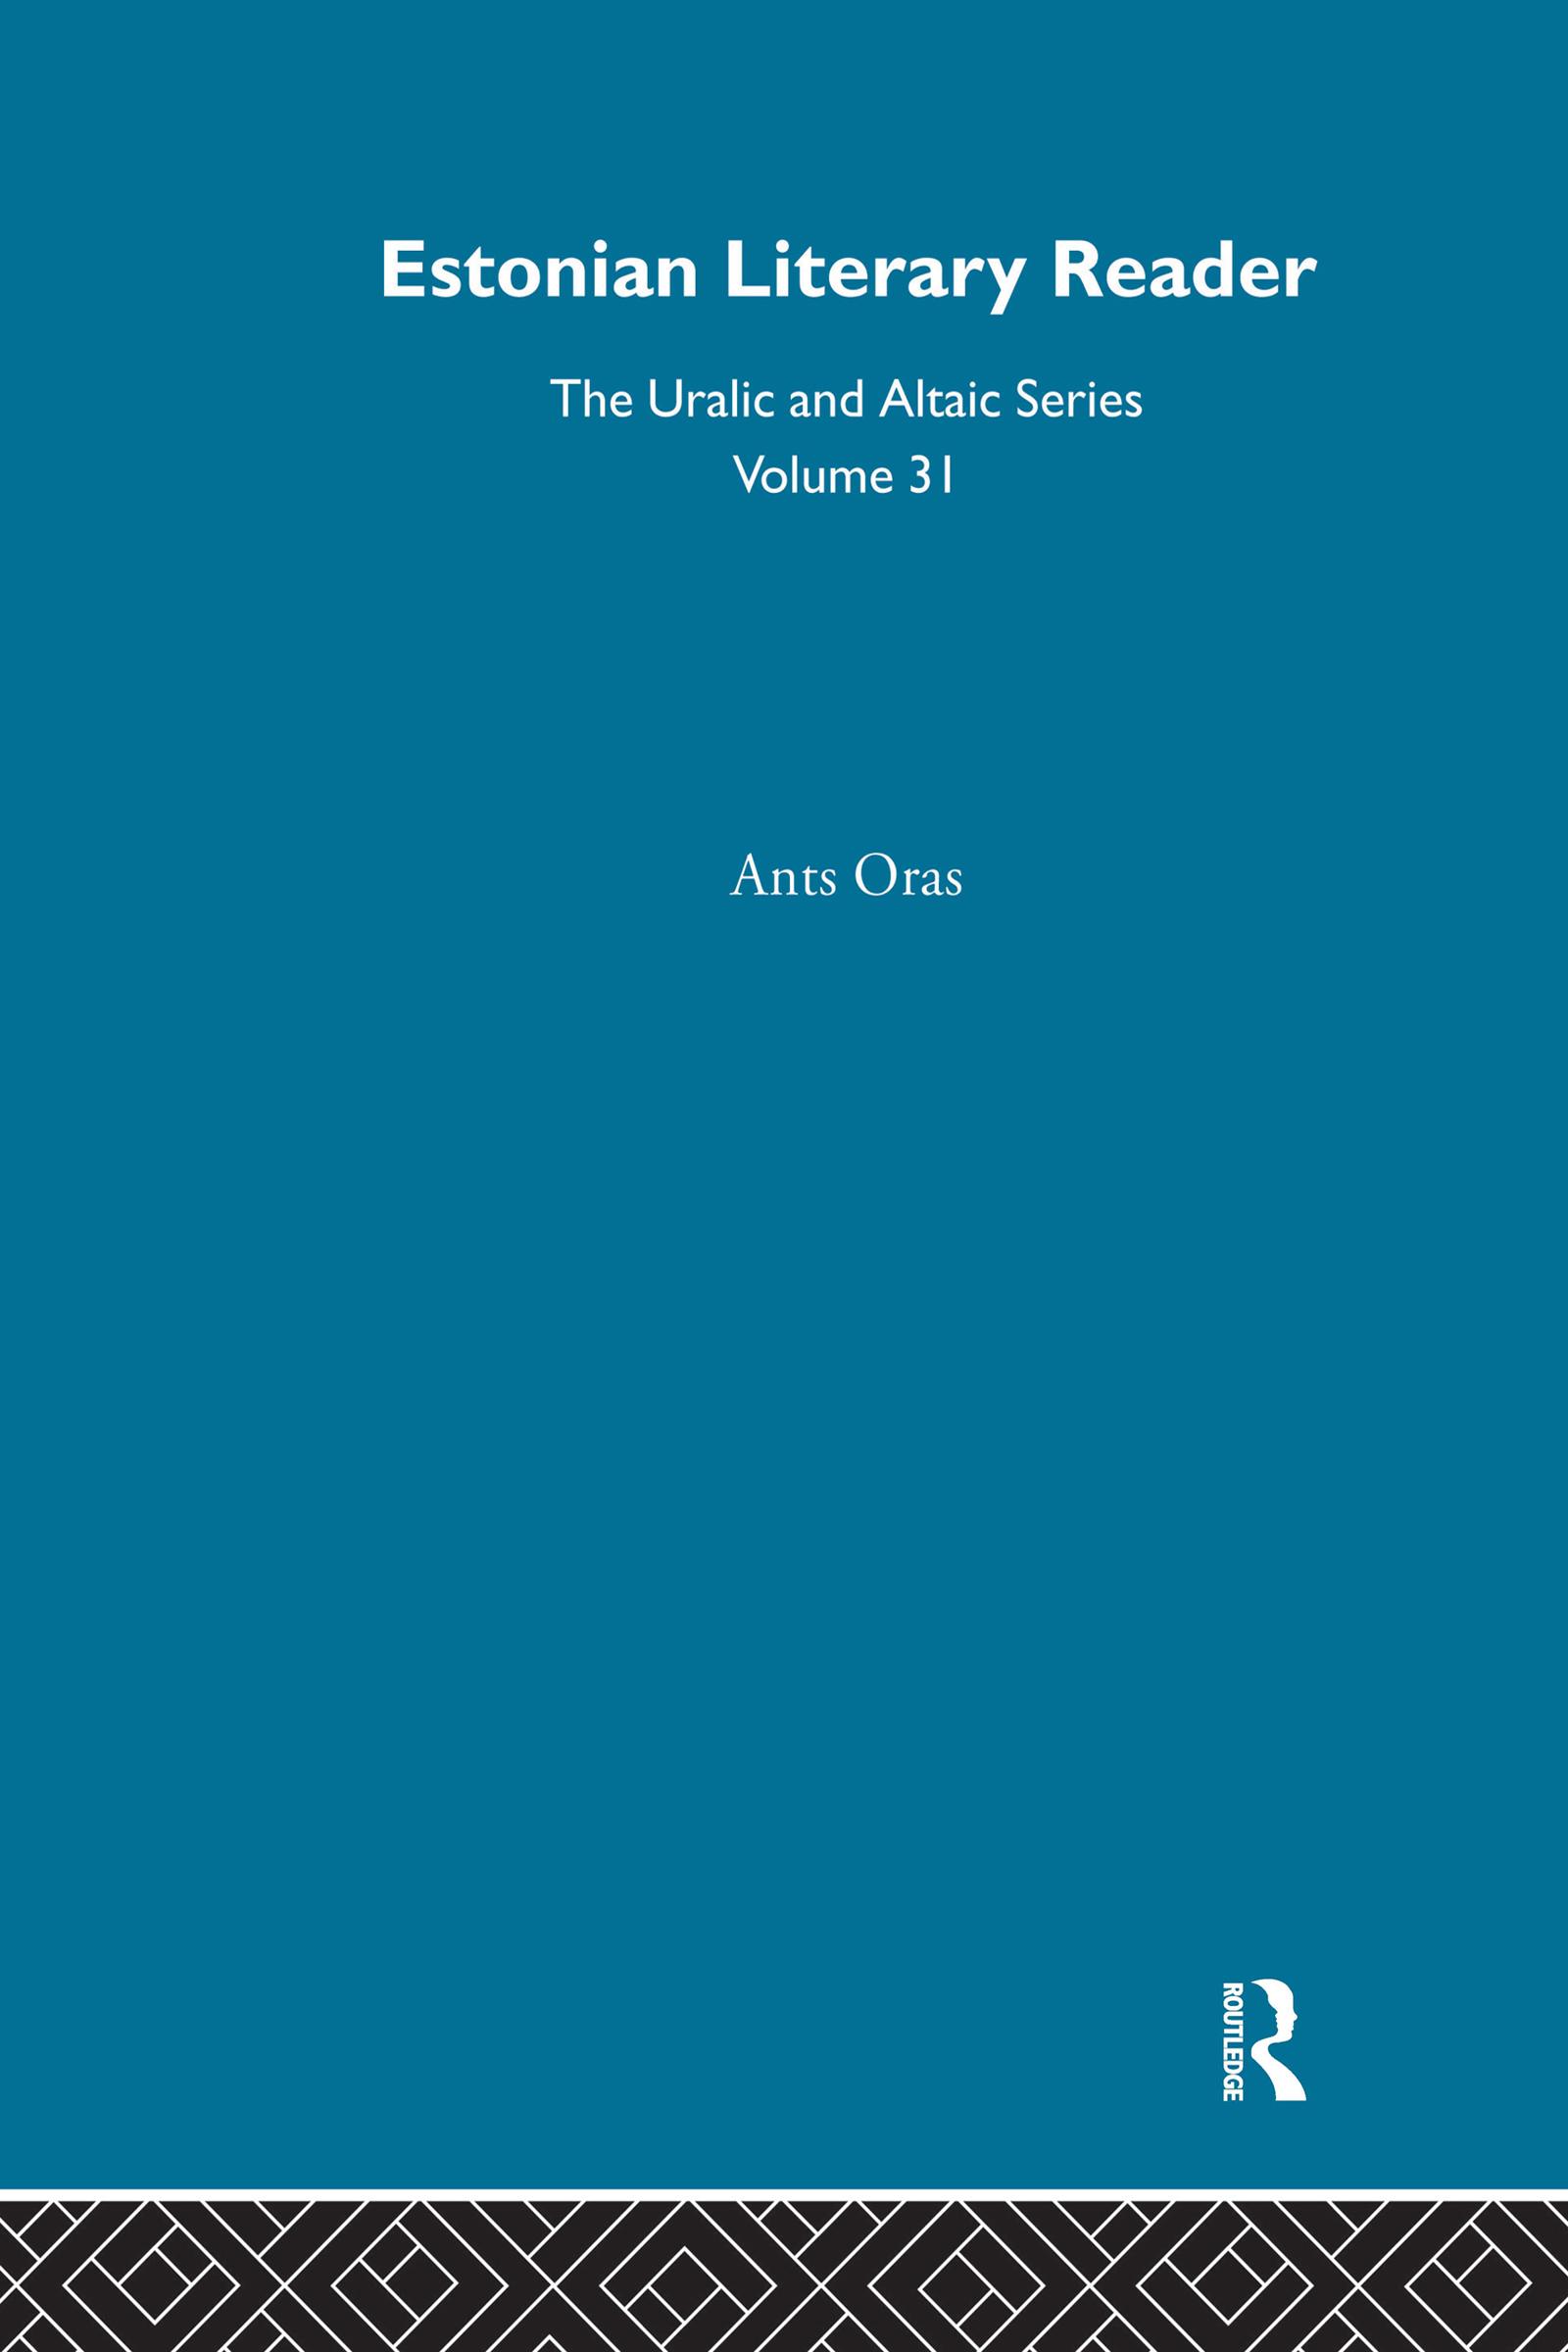 Estonian Literary Reader: 1st Edition (Hardback) book cover